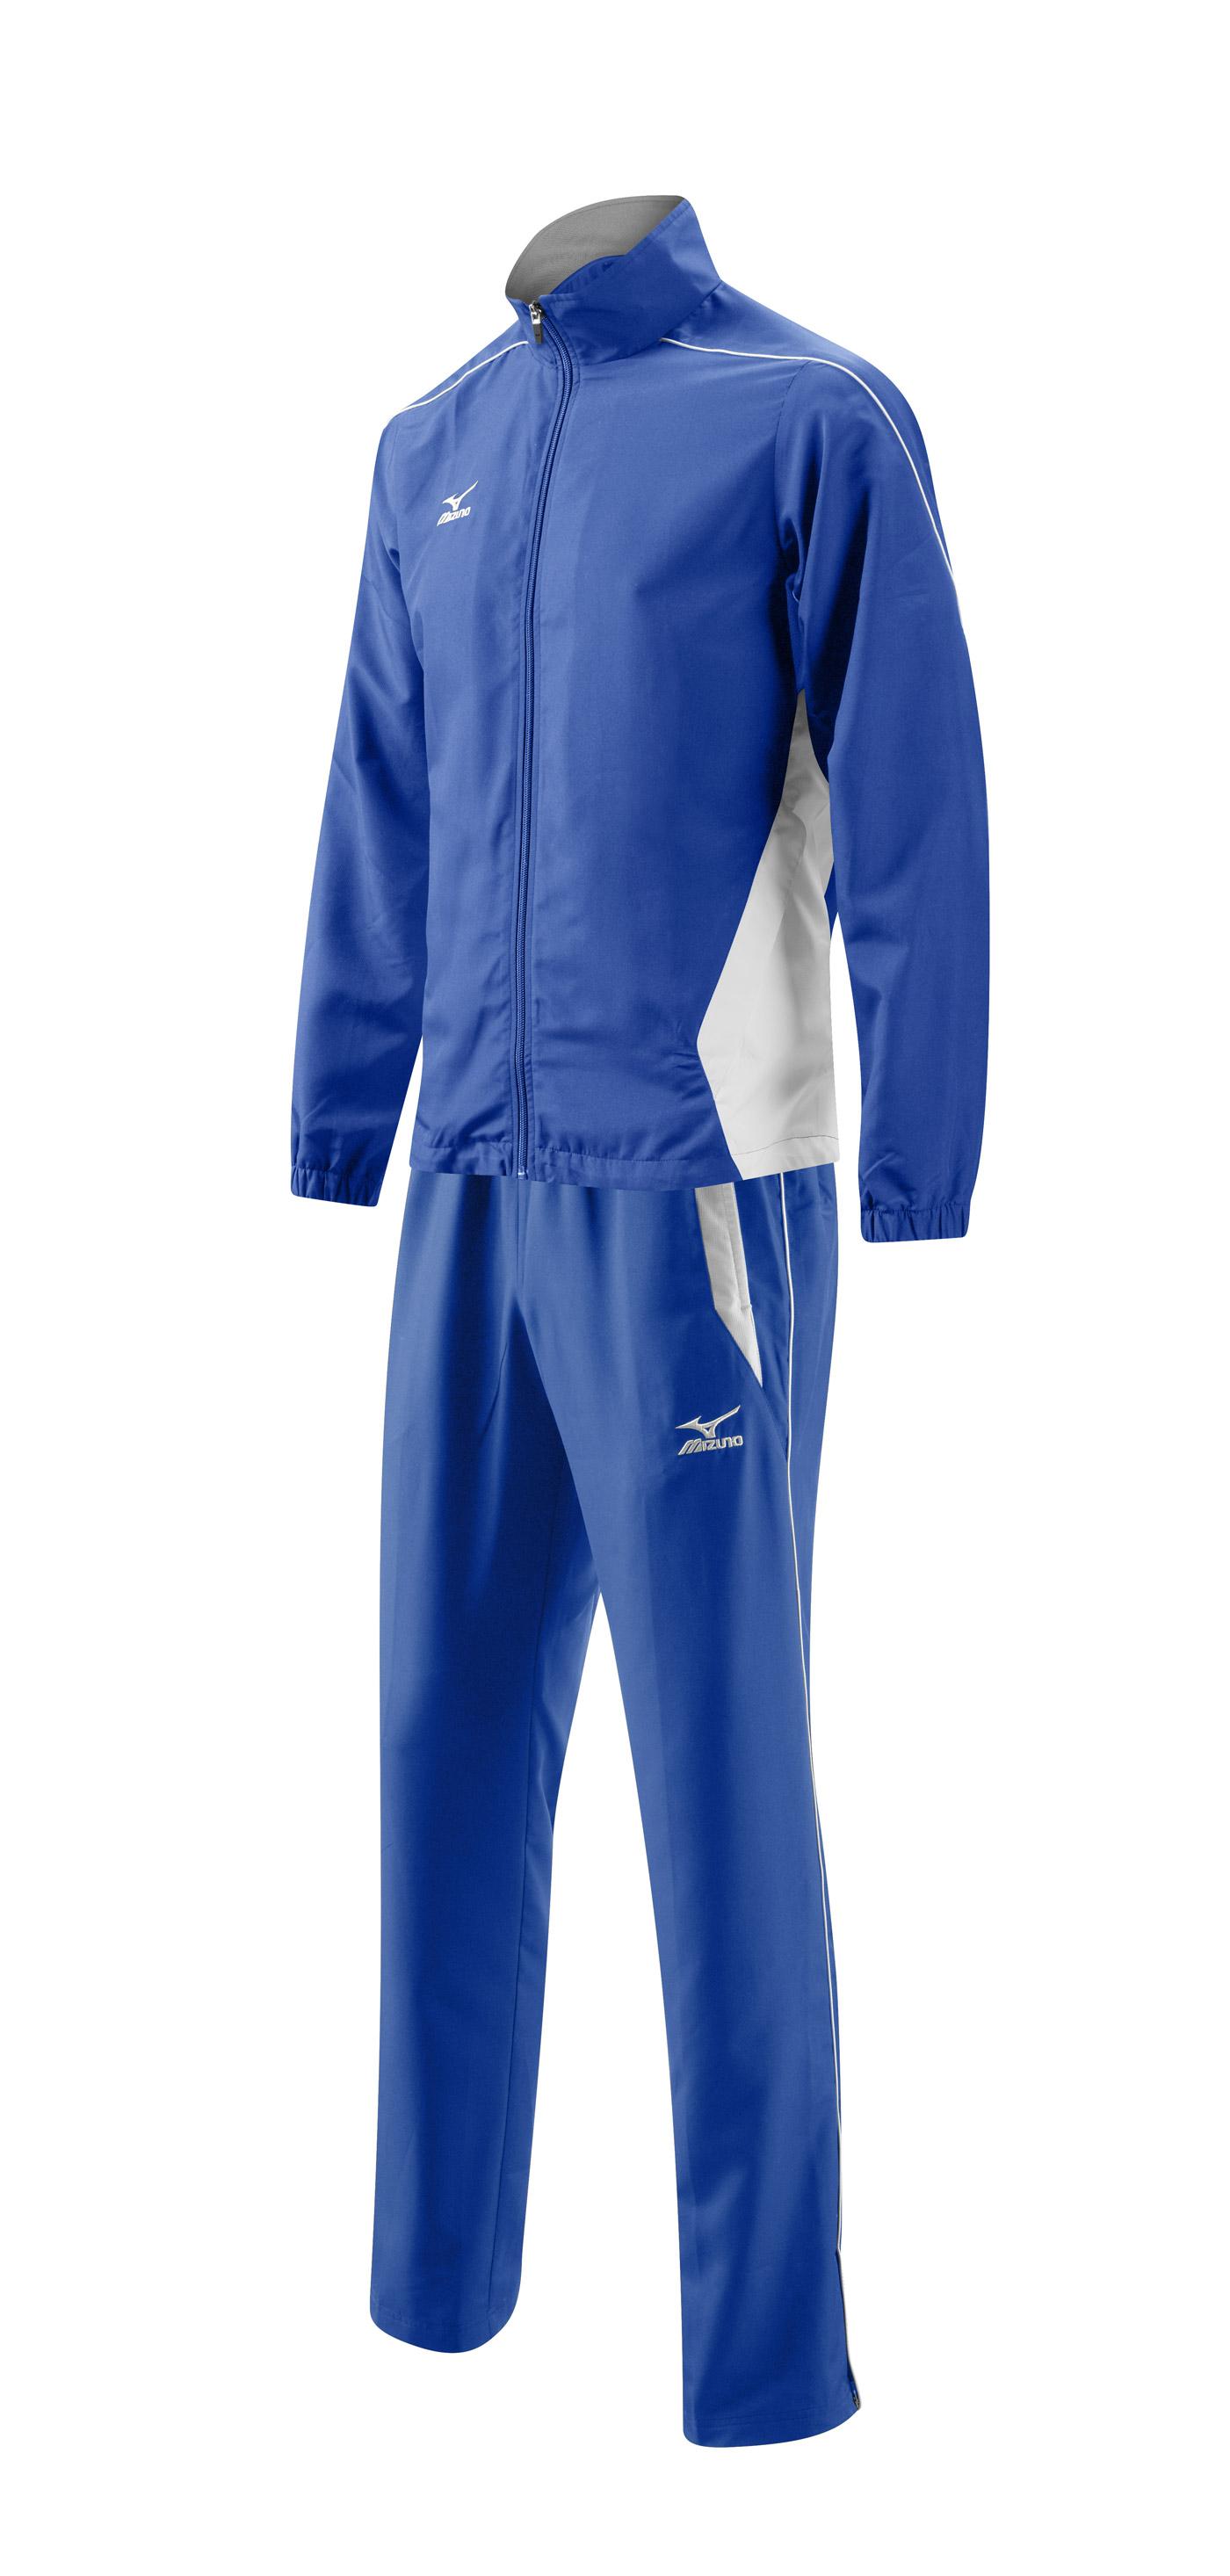 Tepláková souprava Woven Track Suit K2EG4A0122 Modro bílá L